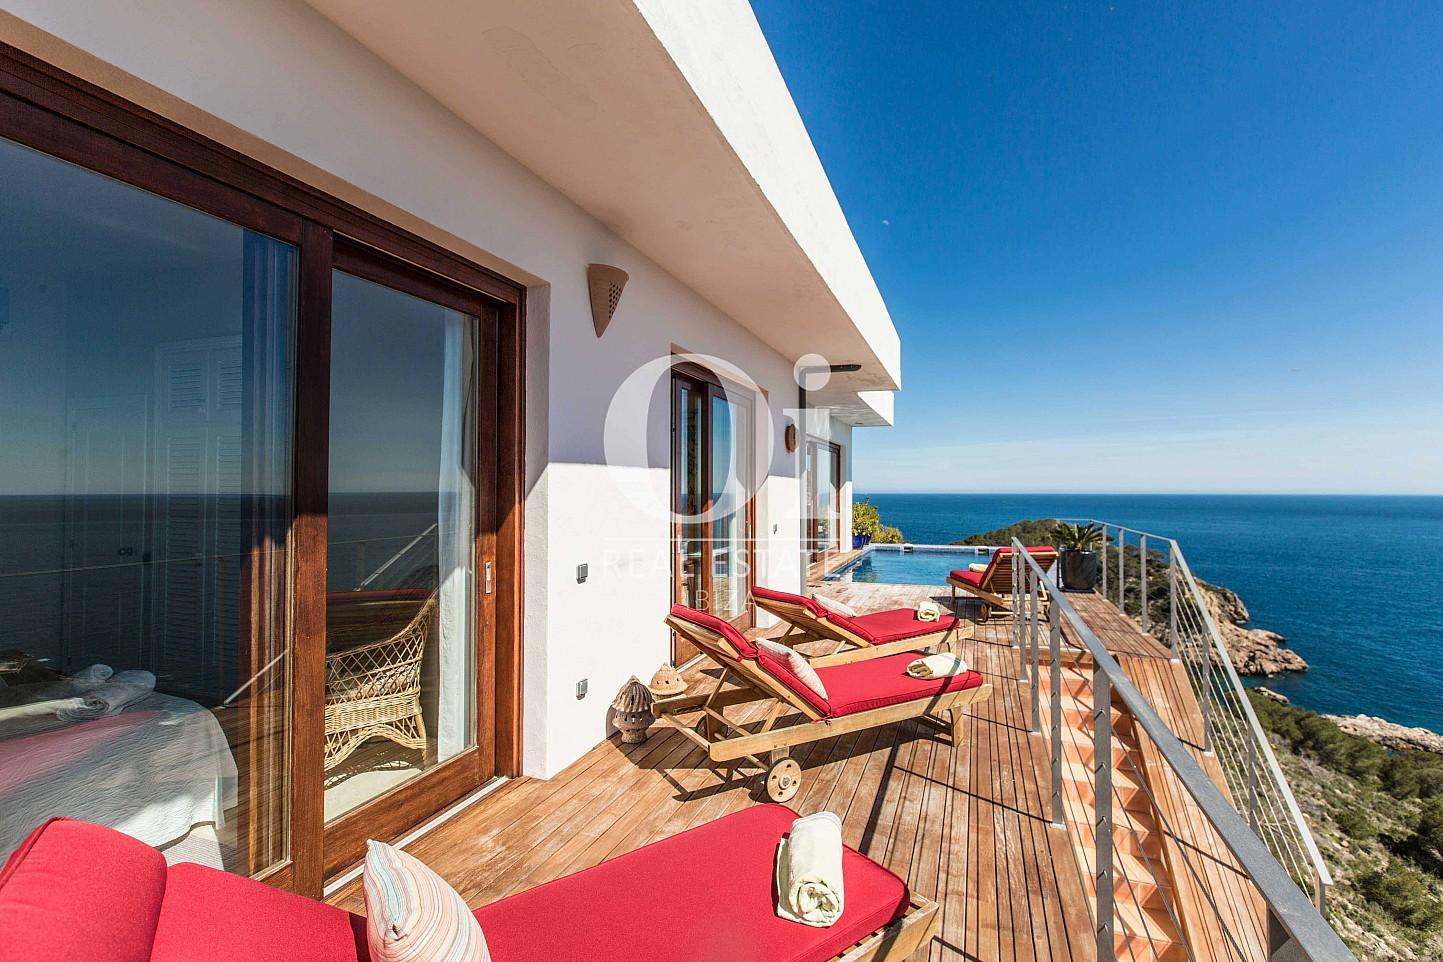 Потрясающая терраса с поразительными видами на море на замечательной вилле в краткосрочную аренду на Ибице